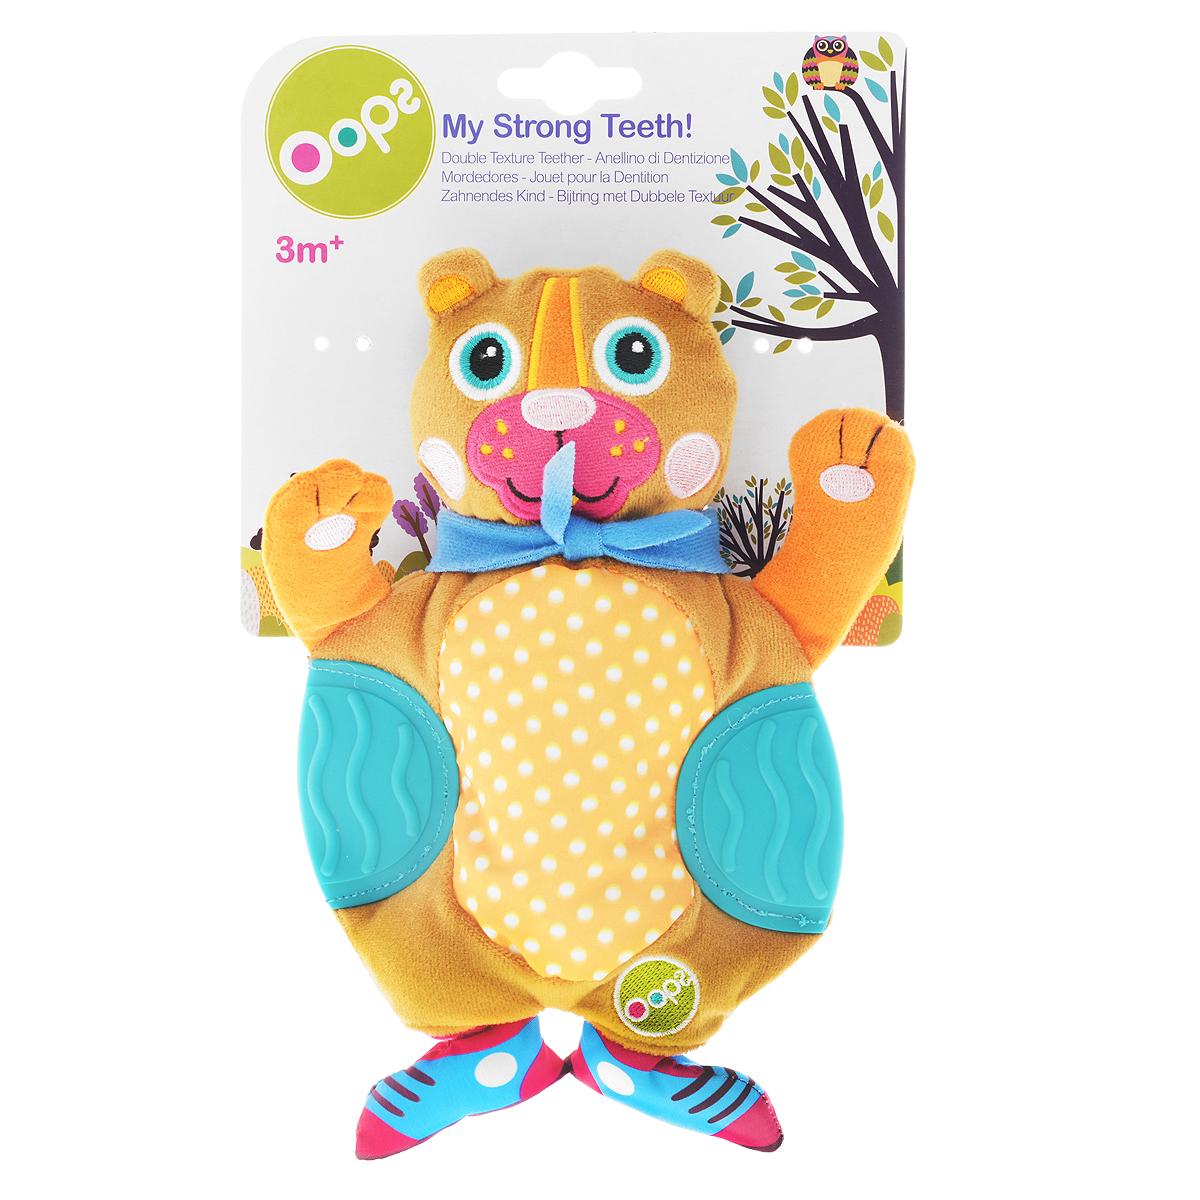 Развивающая игрушка OOPS МедвежонокO 13002.11Развивающая игрушка OOPS Медвежонок изготовлена из высококачественного текстиля и пластика безопасного для детей. Игрушка выполнена в виде забавного яркого медведя с прорезывателями по бокам. Прорезыватели помогут вашему малышу массажировать небо и десна, а игрушка отвлечет внимание ребенка. Нежная на ощупь поверхность и новые приятные цвета развивают органы чувств вашего малыша. Игрушка снабжена шуршащим животиком, что непременно понравится ребенку. Развивающая игрушка OOPS Медвежонок способствует развитию мелкой моторики и зрительно-цветовому восприятию.